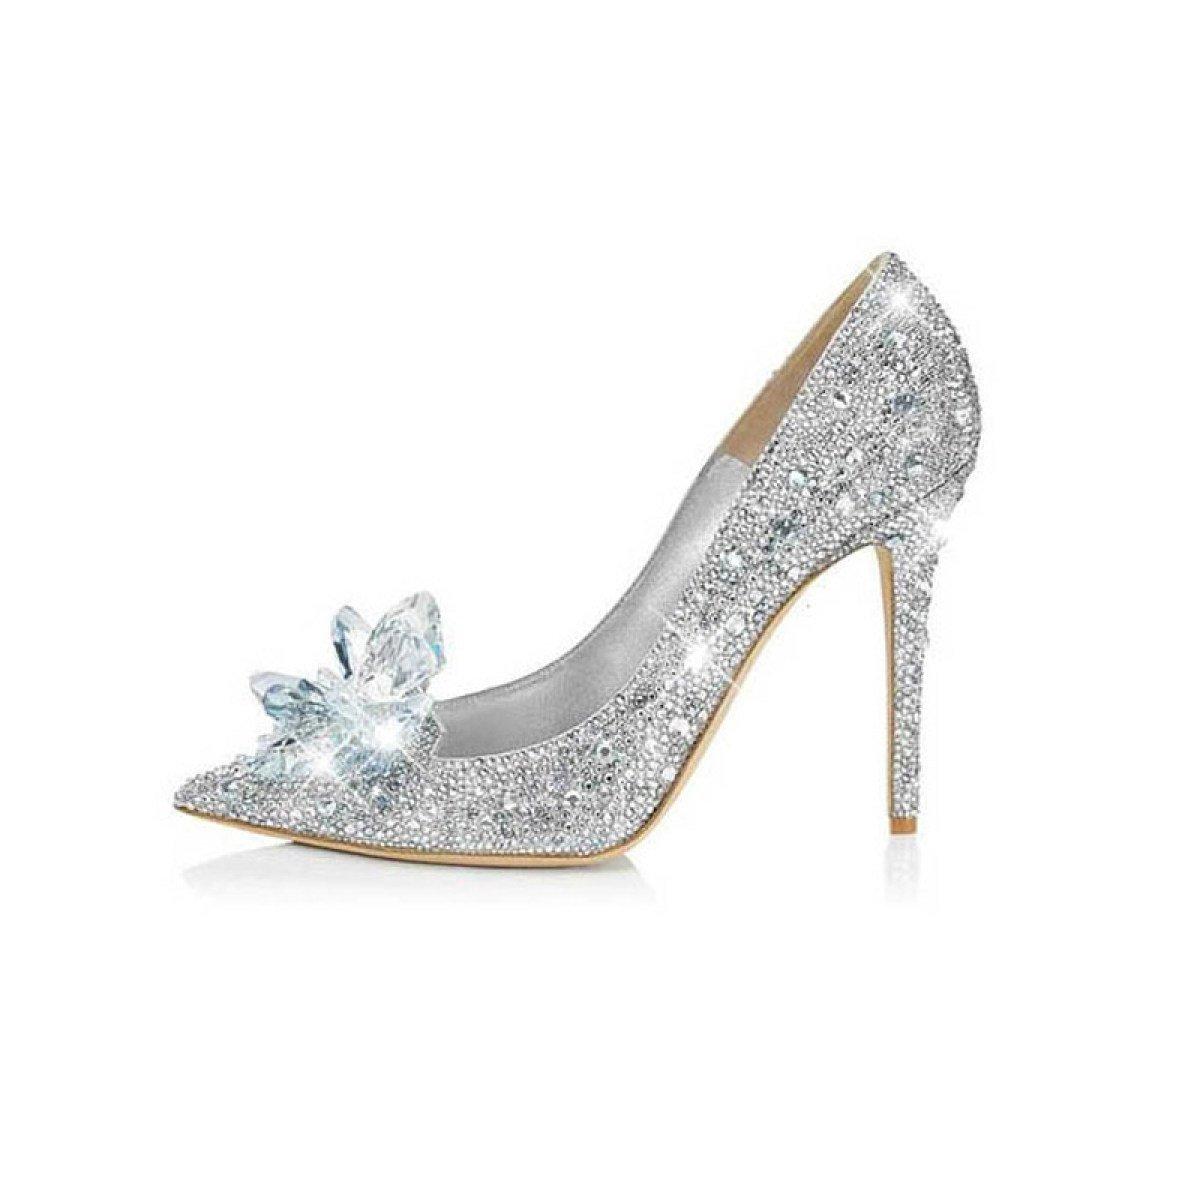 Zapatos De Boda De Las Señoras Rhinestone Tip Tacones Altos Zapatos De Cristal Zapatos De Boda Zapatos De Novia Medio Con Las Damas De Honor Zapatos EU:34/UK:2|Silver(9cm)